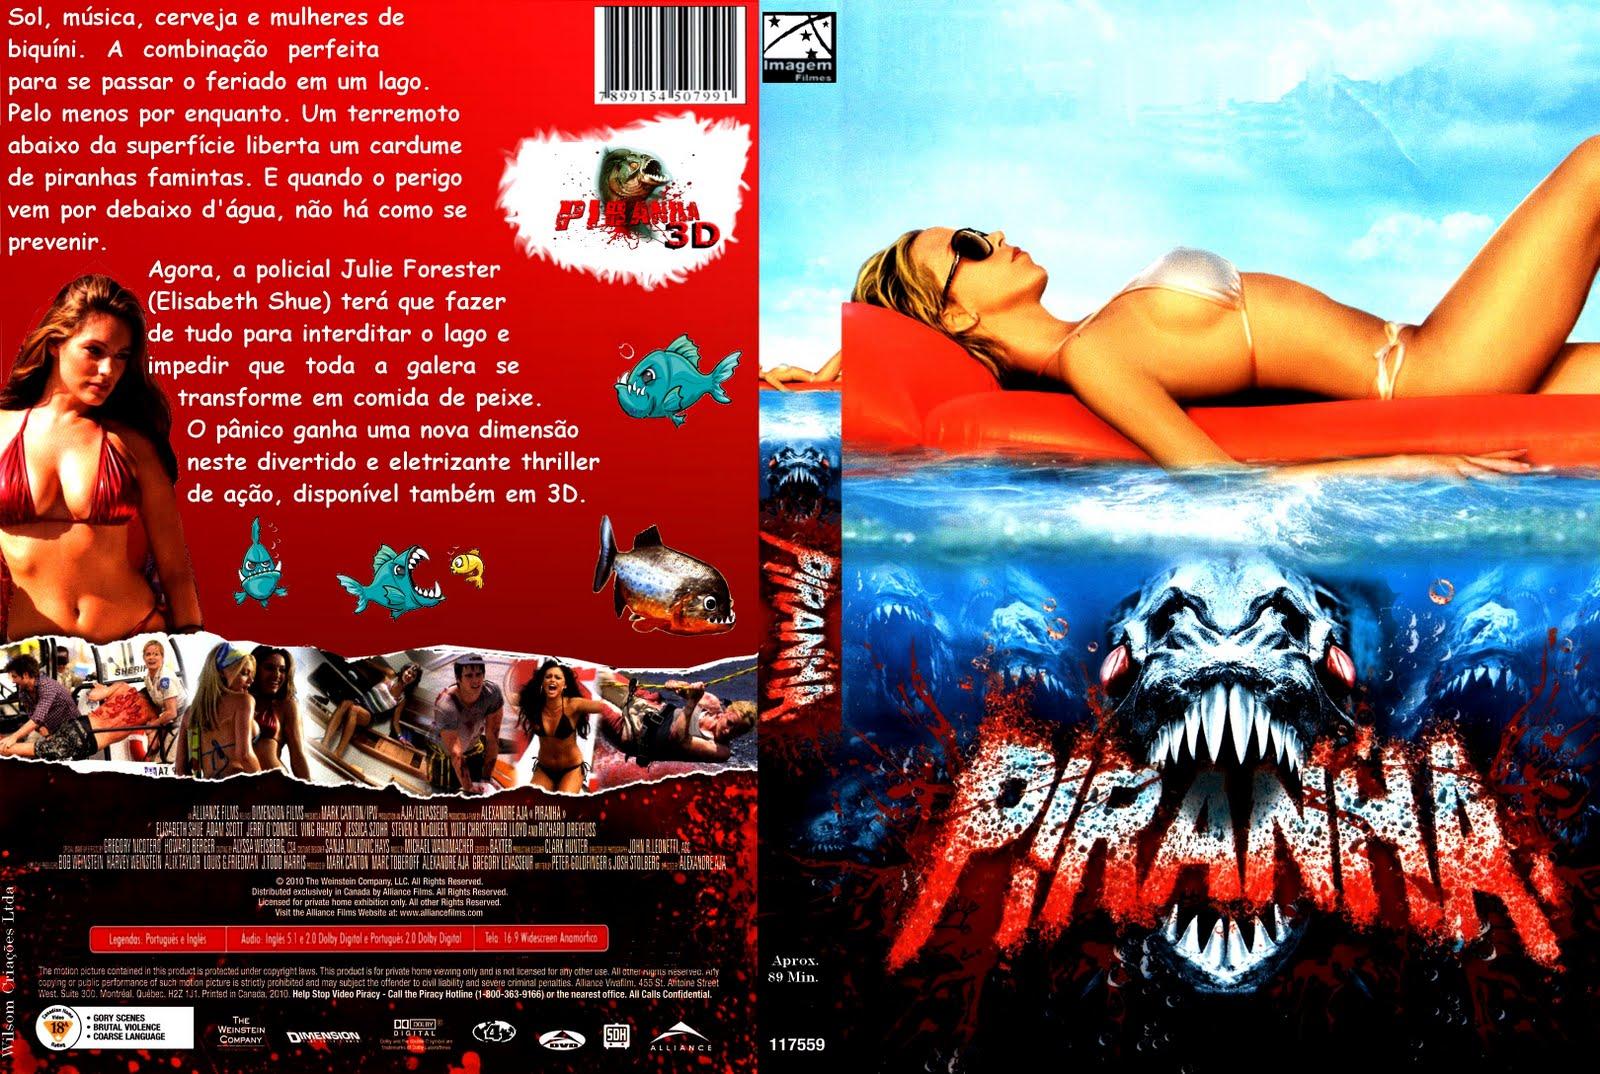 Capas De DVD Grátis  Filmes Em DVDLabelsCdsJogos E Shows